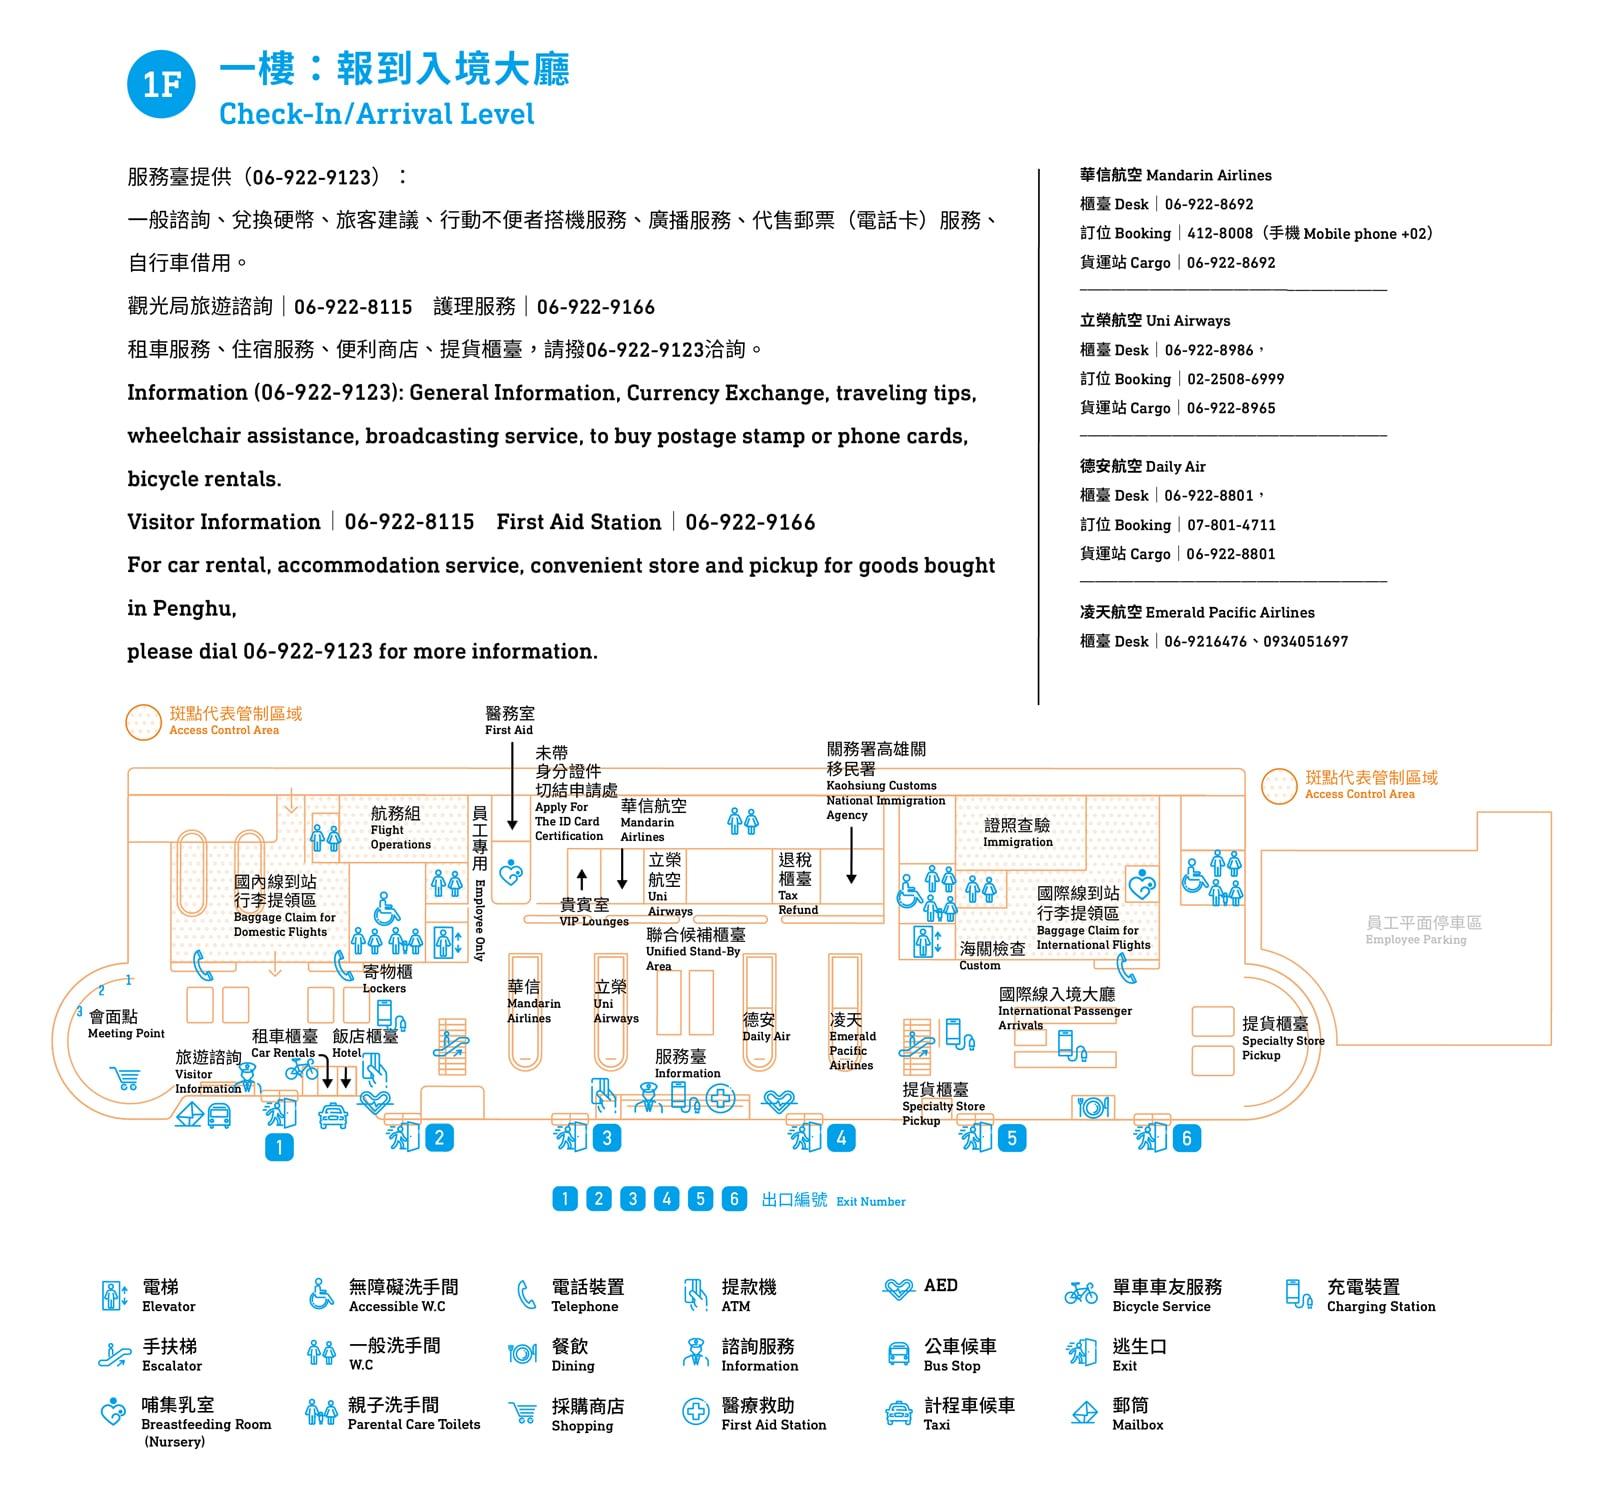 澎湖飛機交通|澎湖機場搭立榮航空回台灣心得、立榮航空國內線飛澎湖路線整理